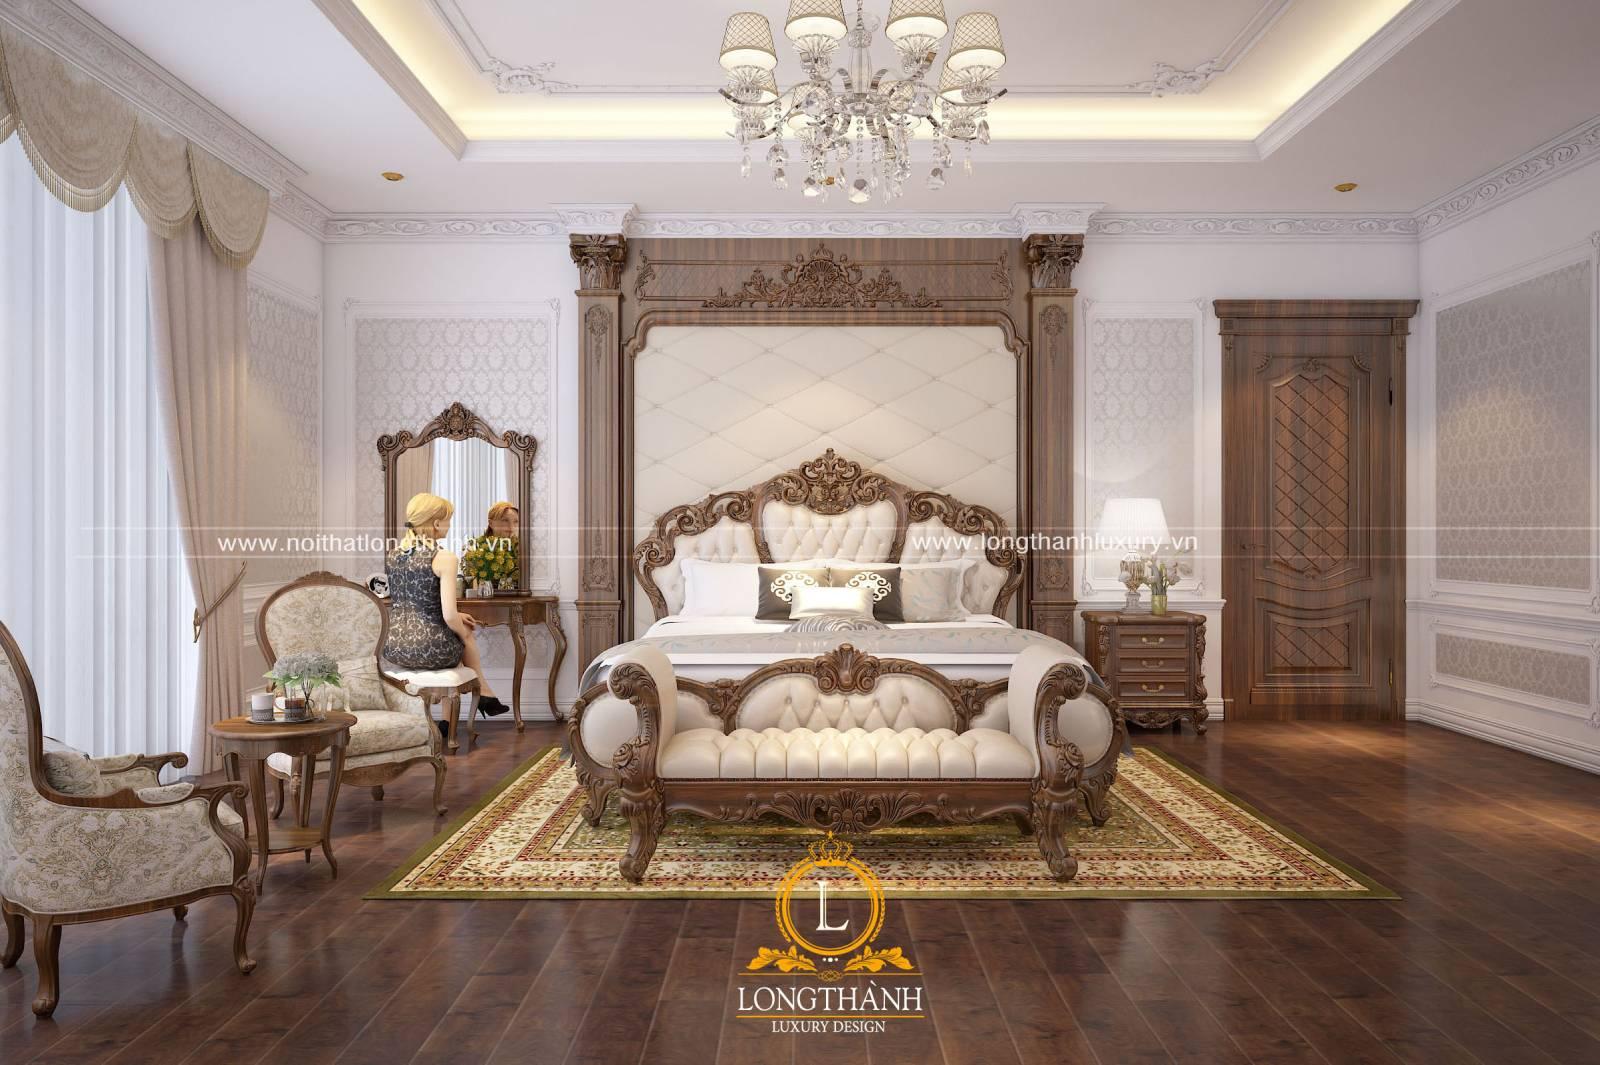 Lựa chọn màu sắc nội thất hài hòa với tổng thể không gian